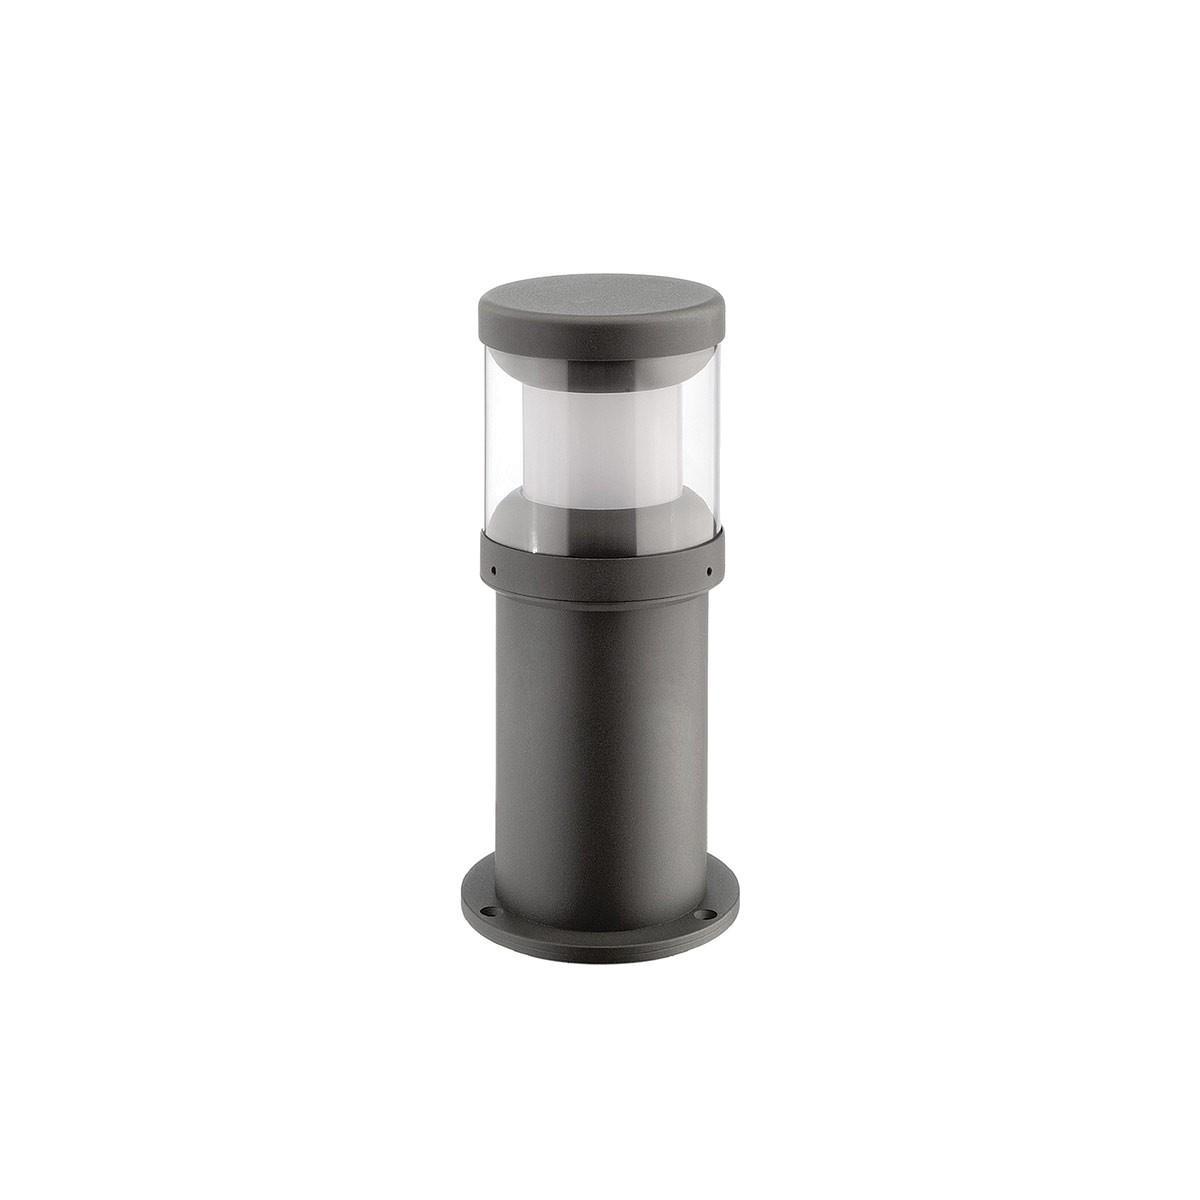 LCD Außenleuchten 1280/1290 LED-Pollerleuchte, graphit